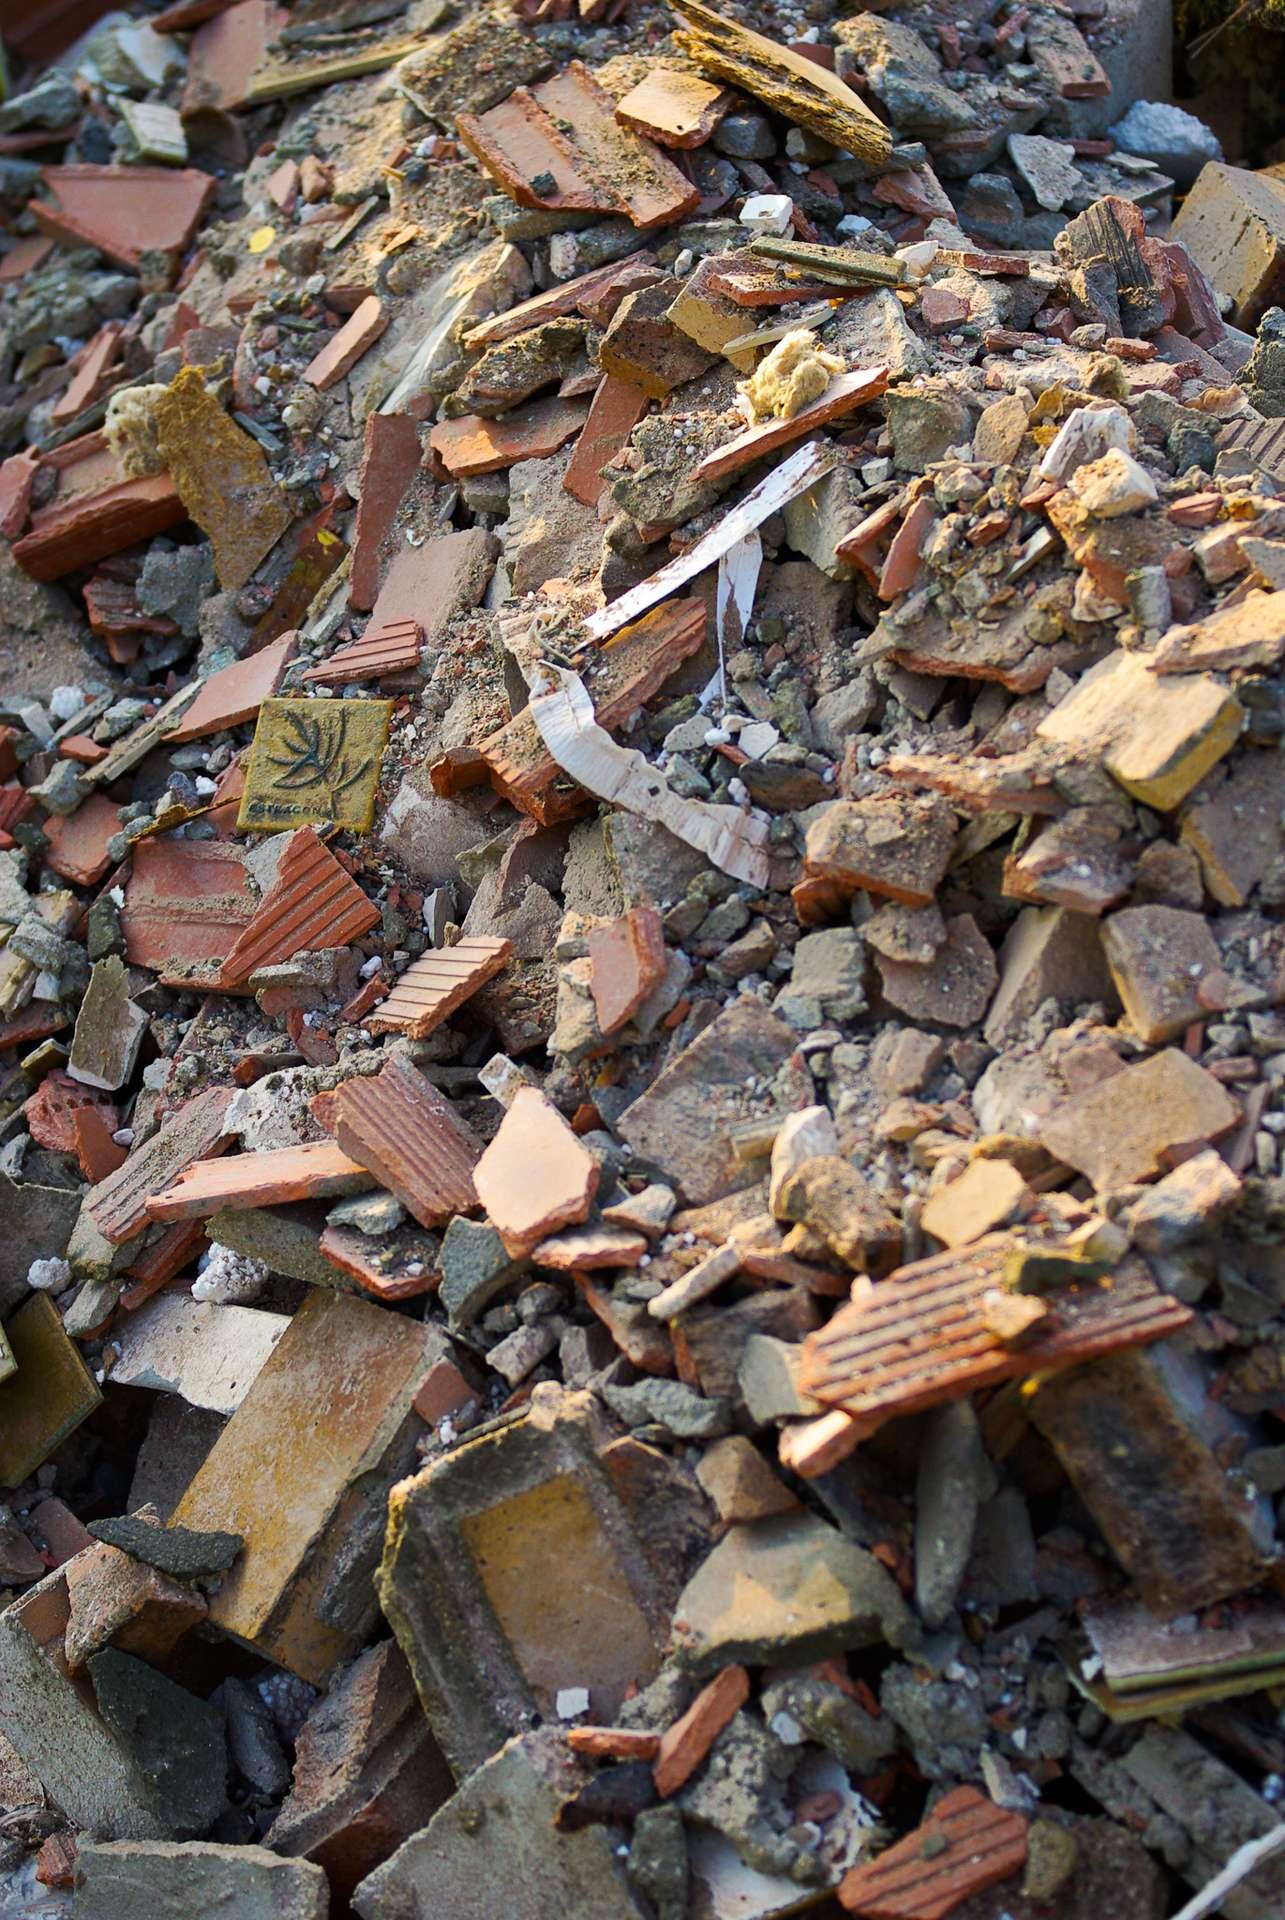 Les gravois issus de la démolition étaient autrefois réutilisés pour renforcer certaines constructions. © Phil, CC BY-NC-ND 2.0, Flickr